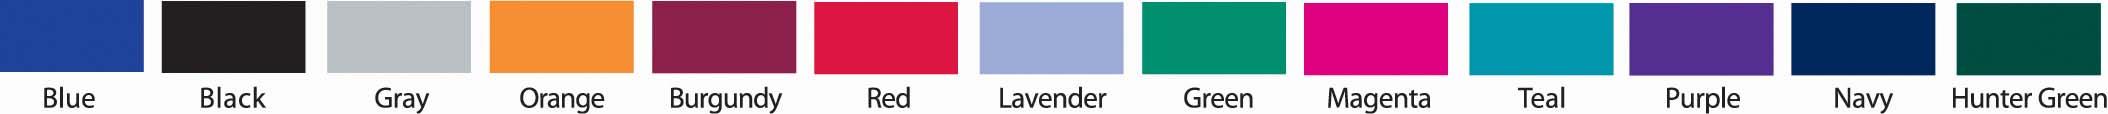 spectrum-dual-head-stethoscope-adult-slider-pack-purple--10-429-200-lr-2.jpg